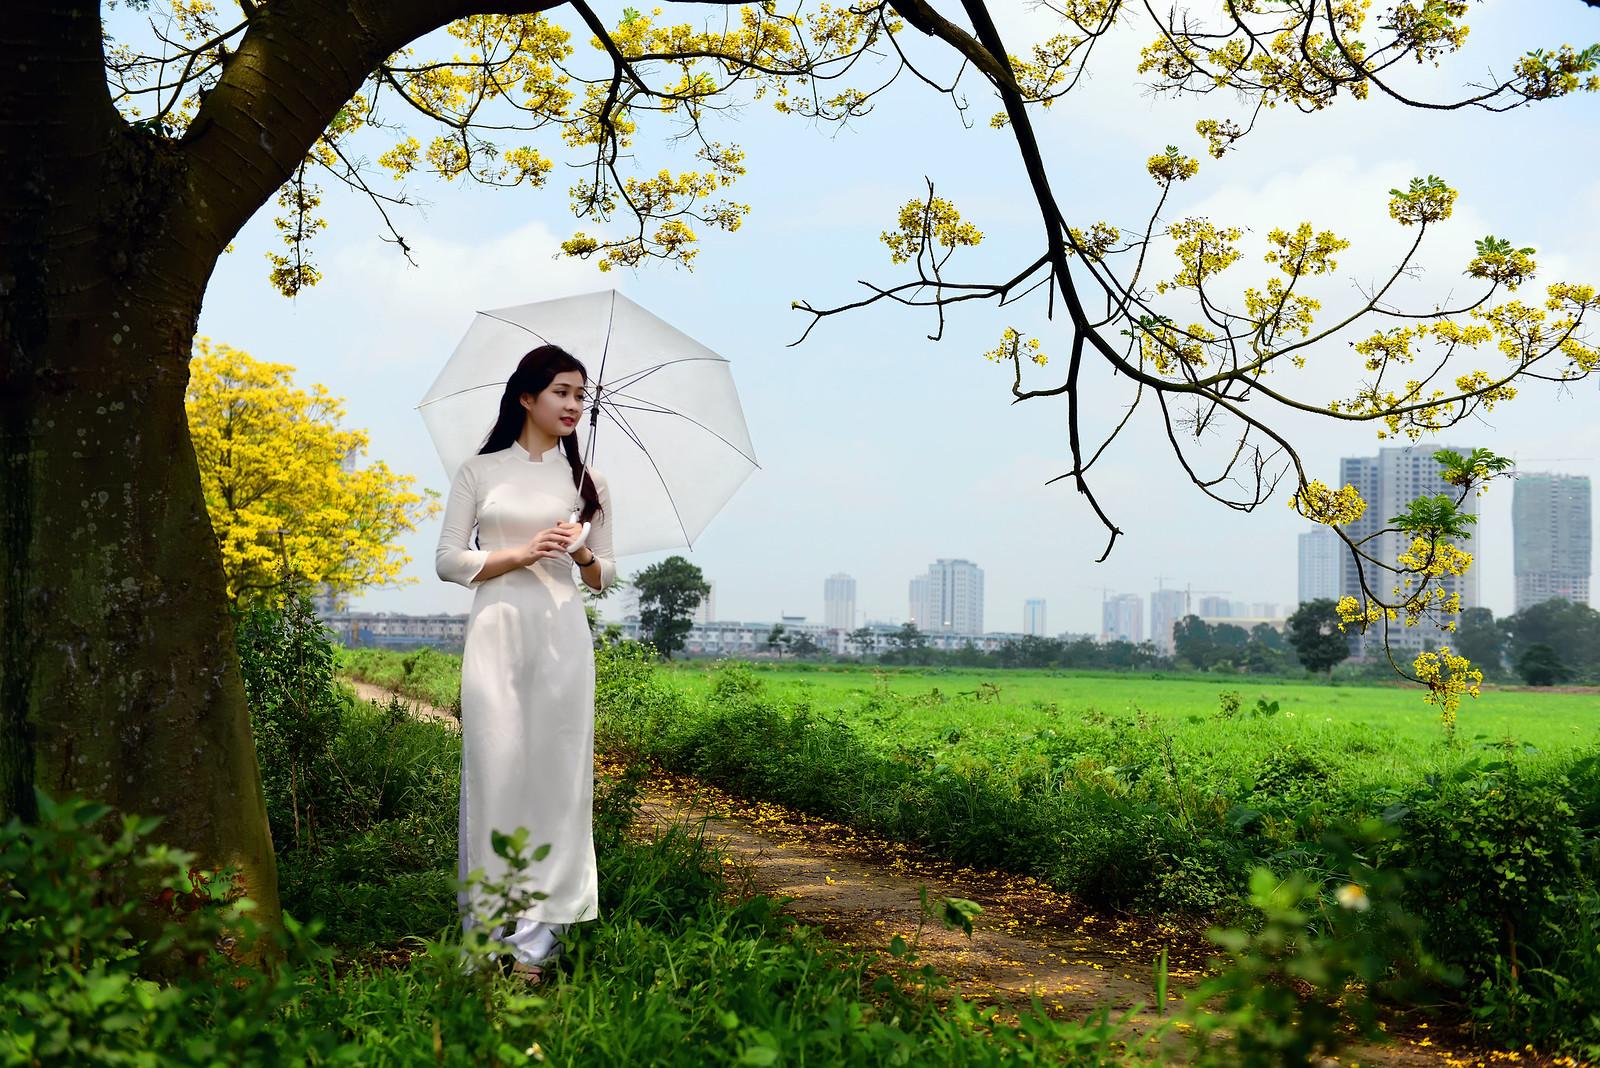 áo dài trắng - Như khúc tình ca